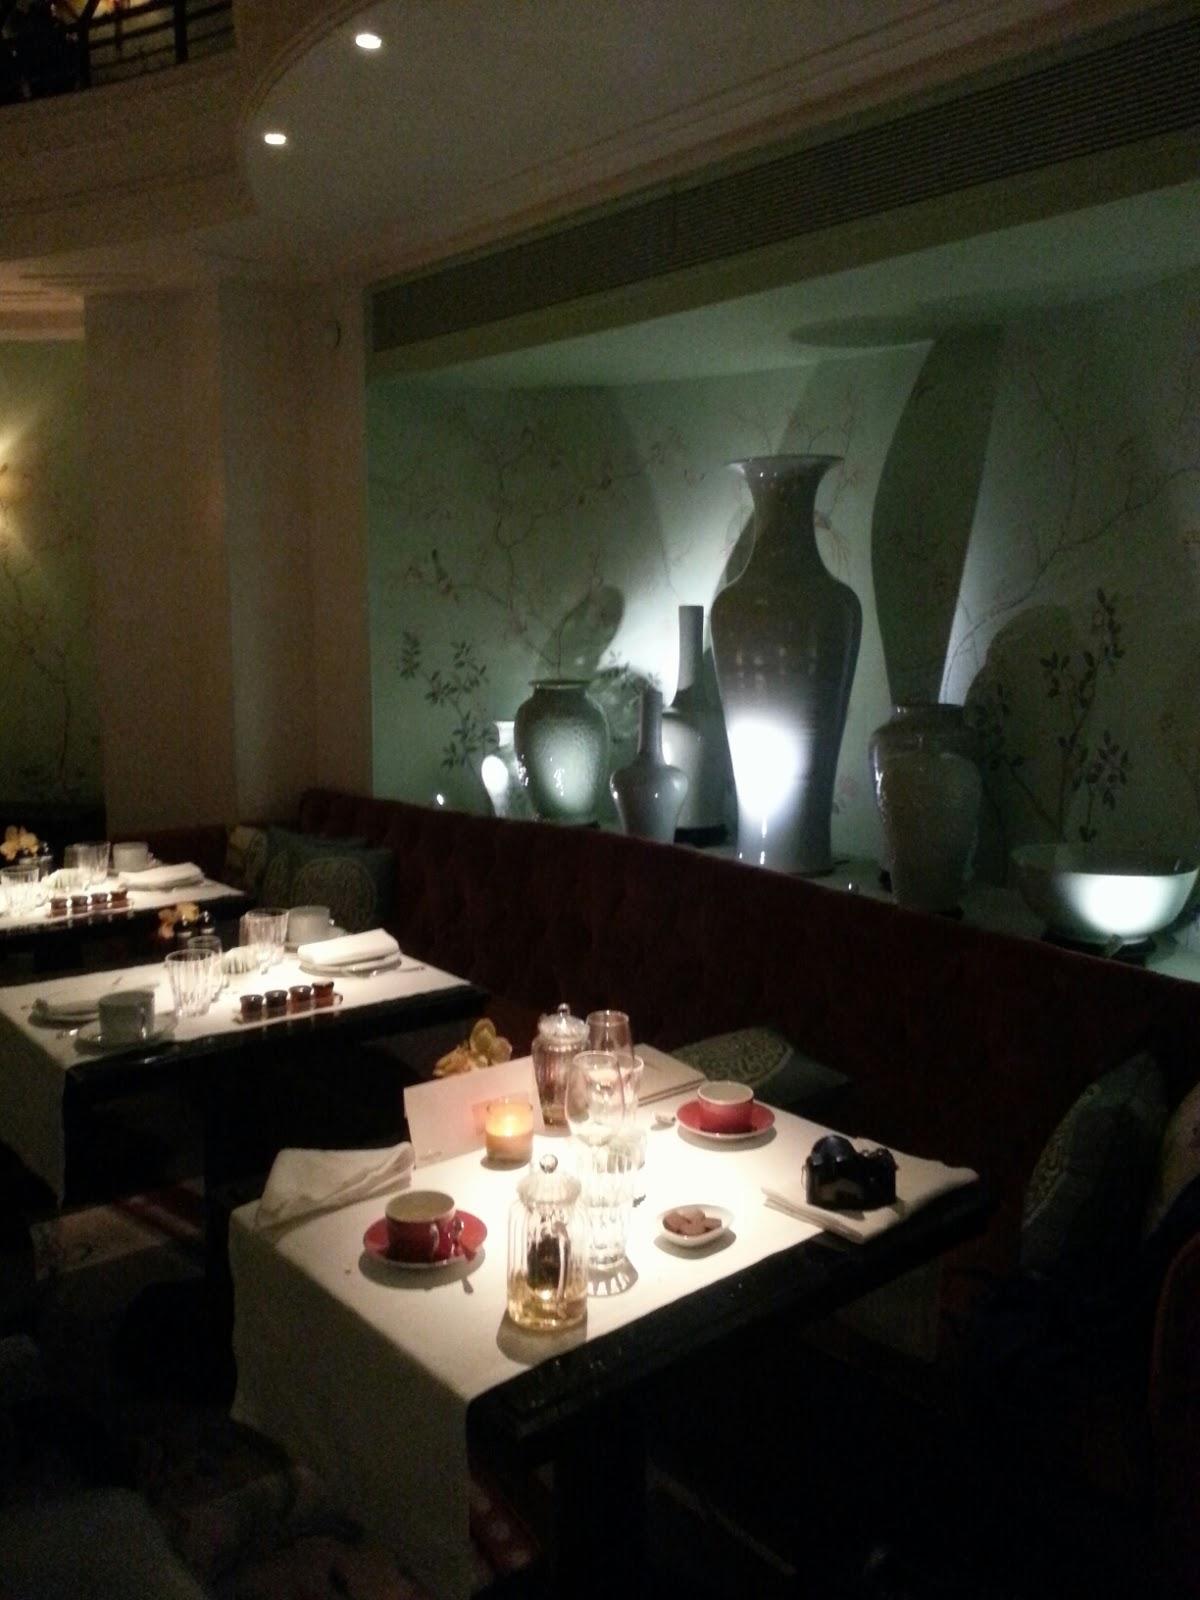 restaurant la bauhinia h tel shangri la paris 16 me france koko soko. Black Bedroom Furniture Sets. Home Design Ideas